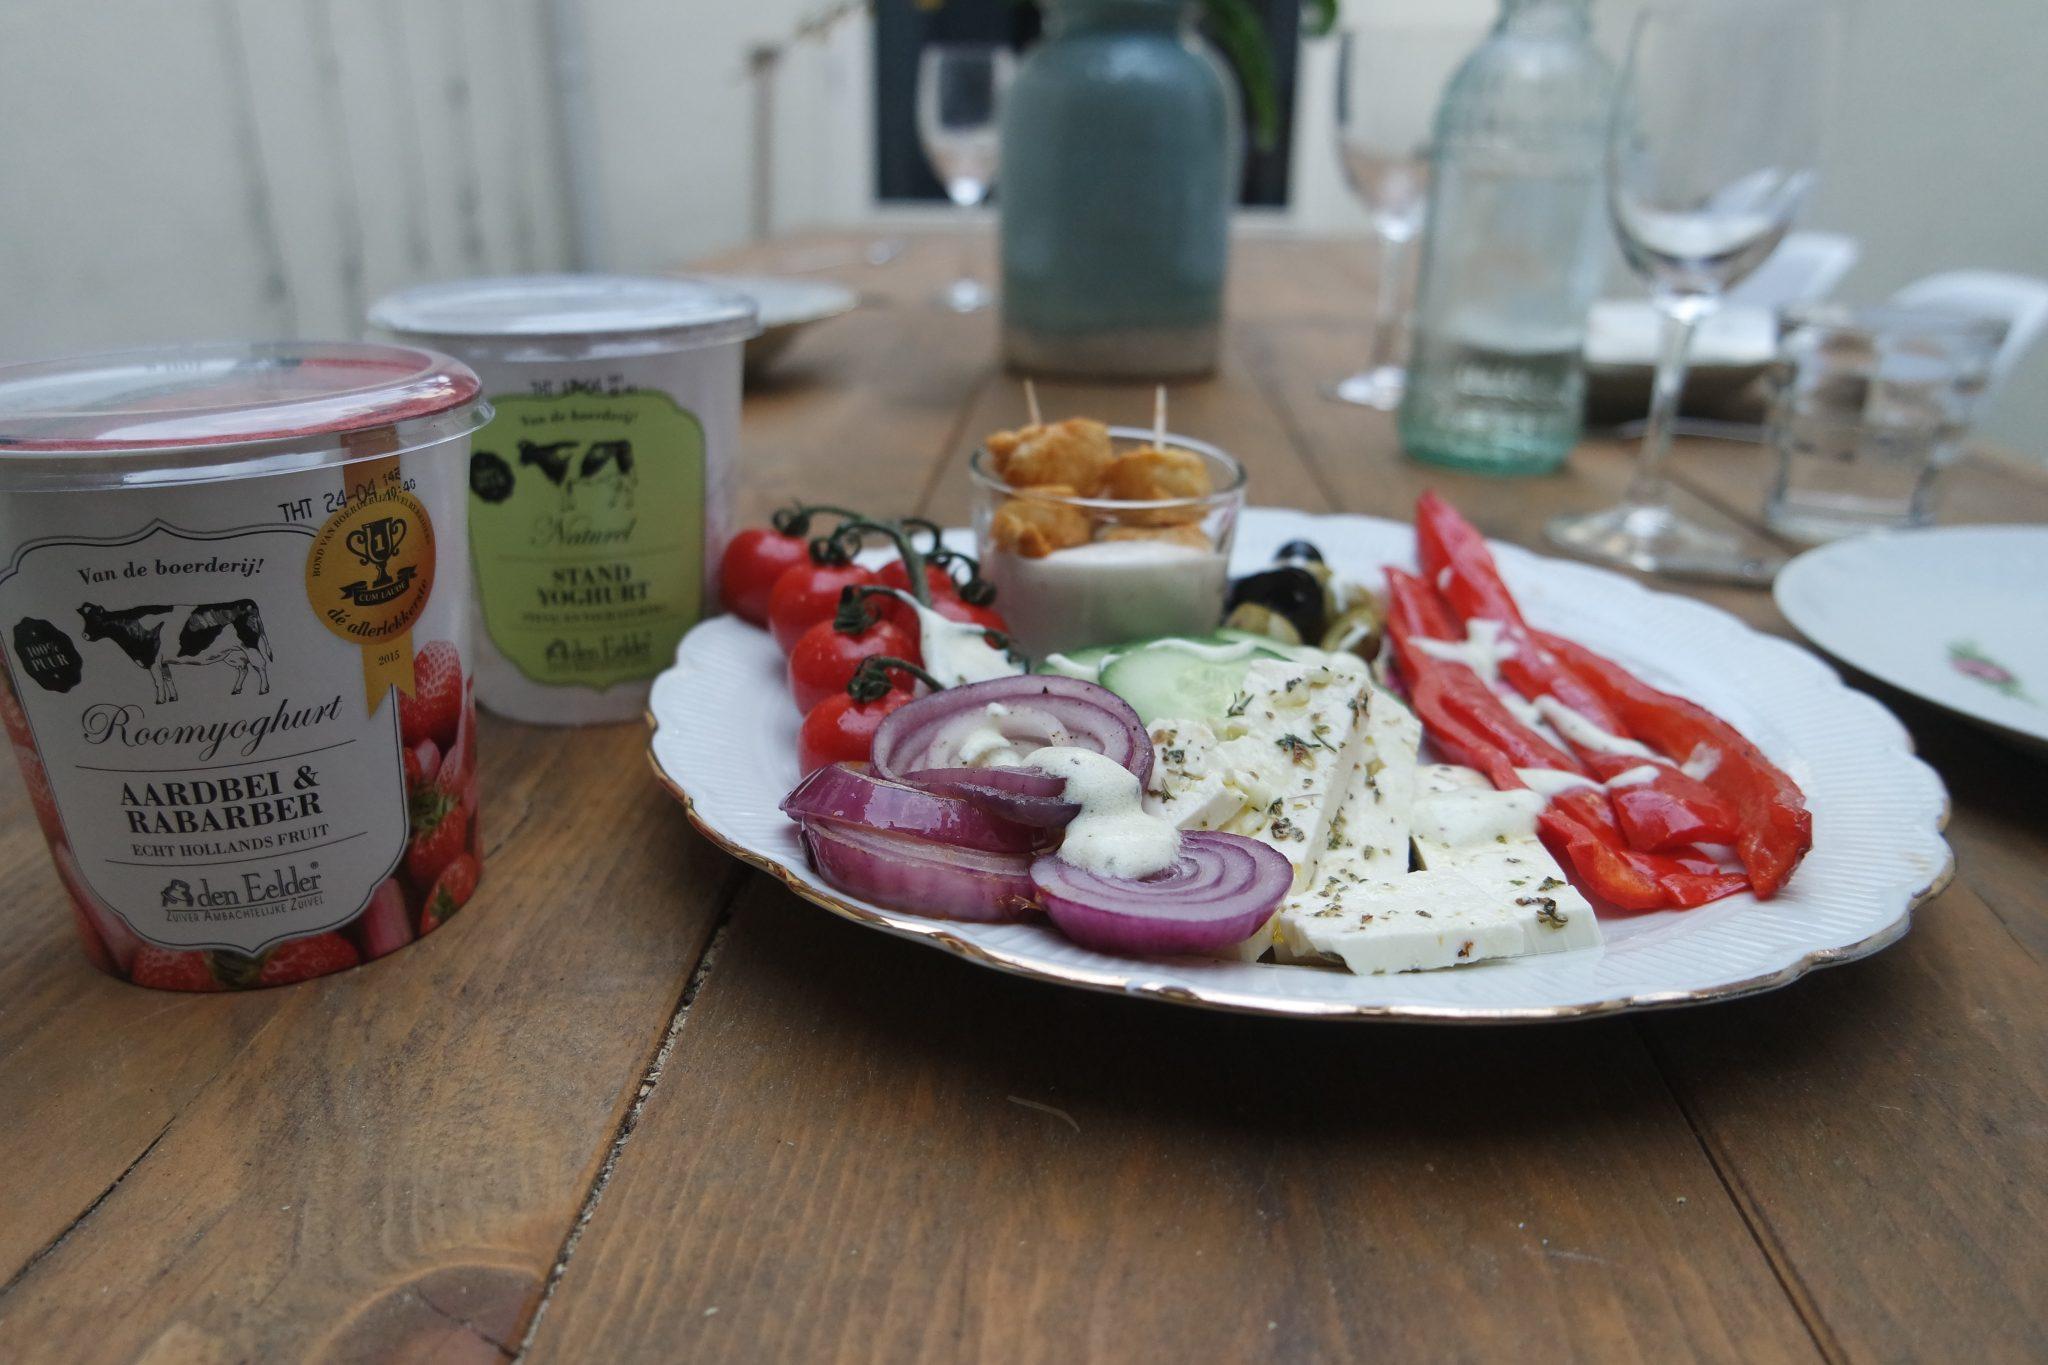 den eelder maaltijd salade grieks stand yoghurt